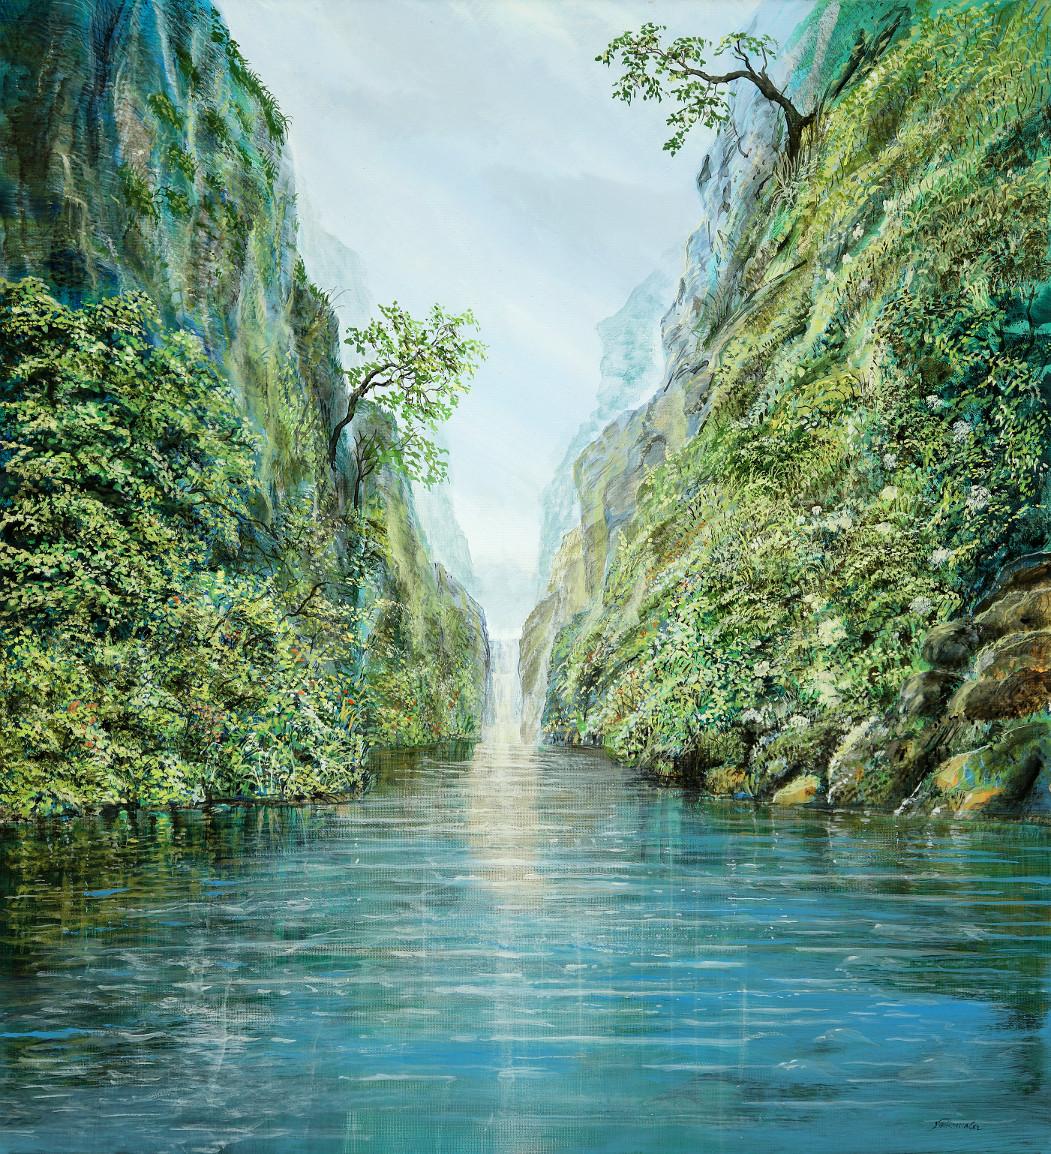 Lichtertal - Ölbild / Leinwand - Gemälde von  S t e r n h a g e l